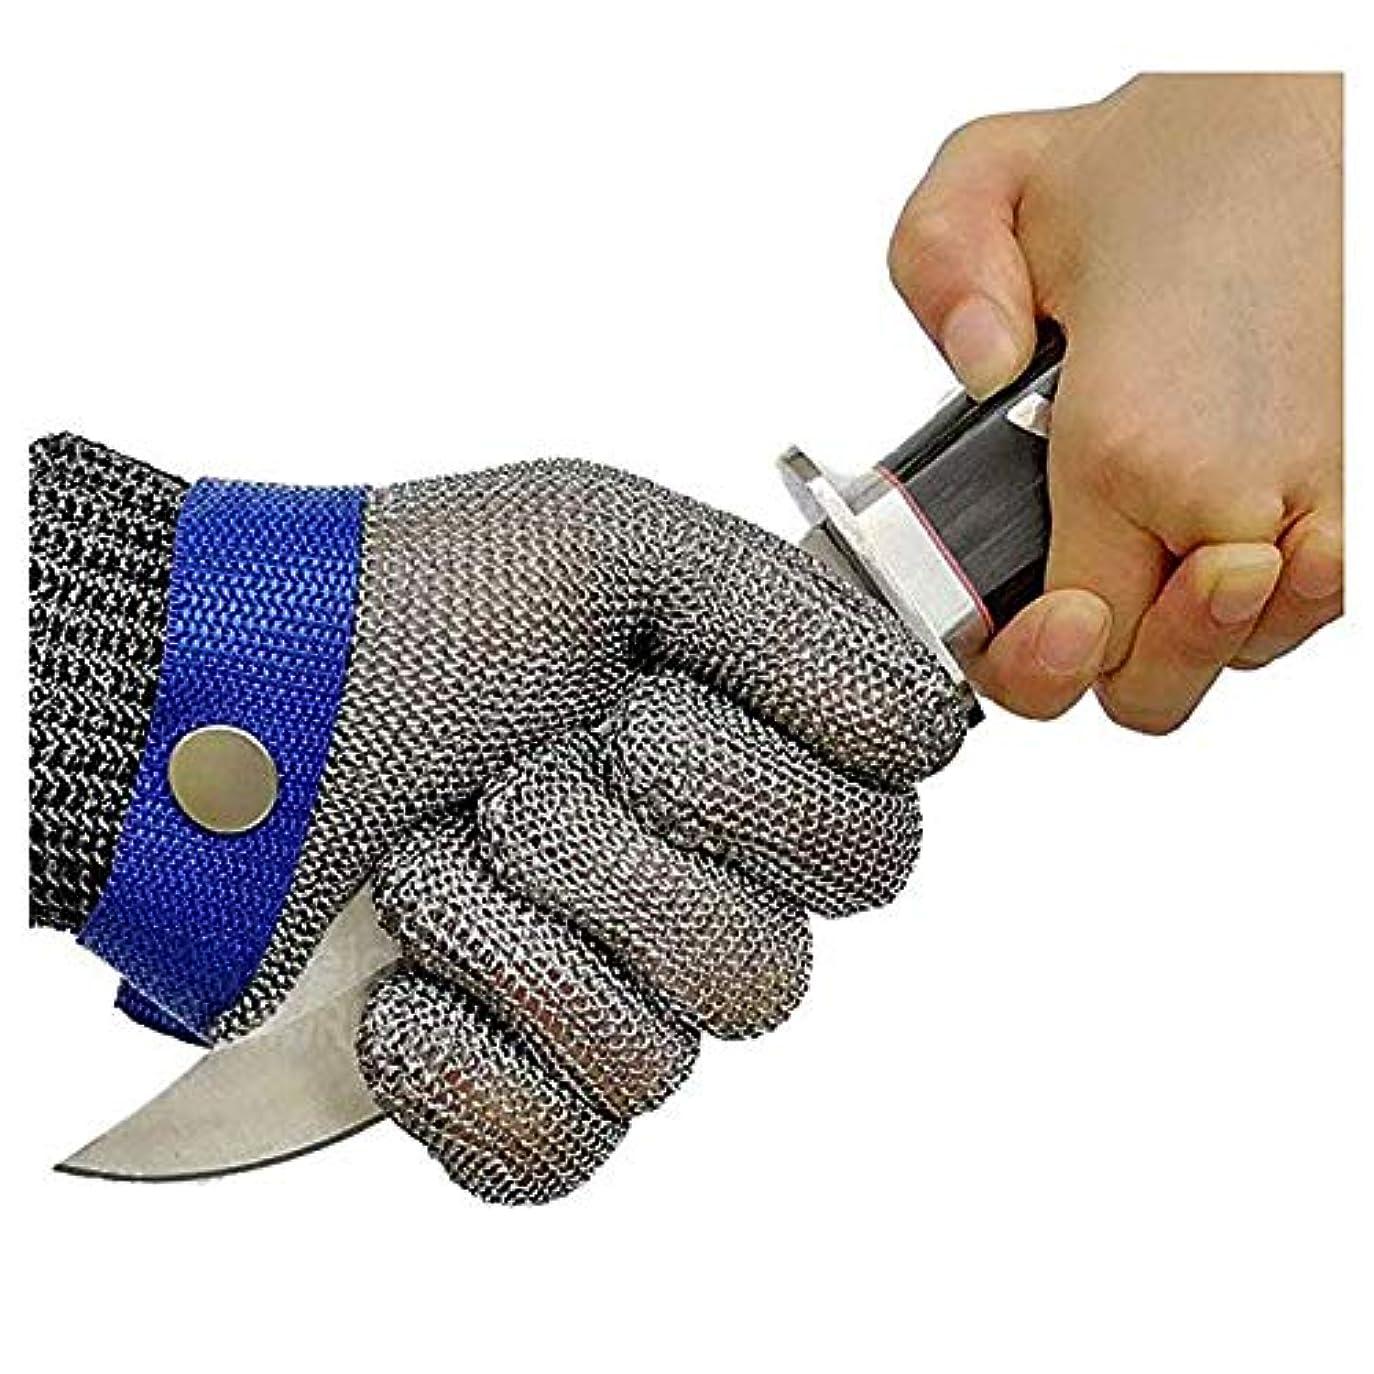 無心稚魚激怒食肉加工、釣り用のカット耐性の手袋、ステンレス鋼線メタルメッシュブッチャー安全作業手袋,M